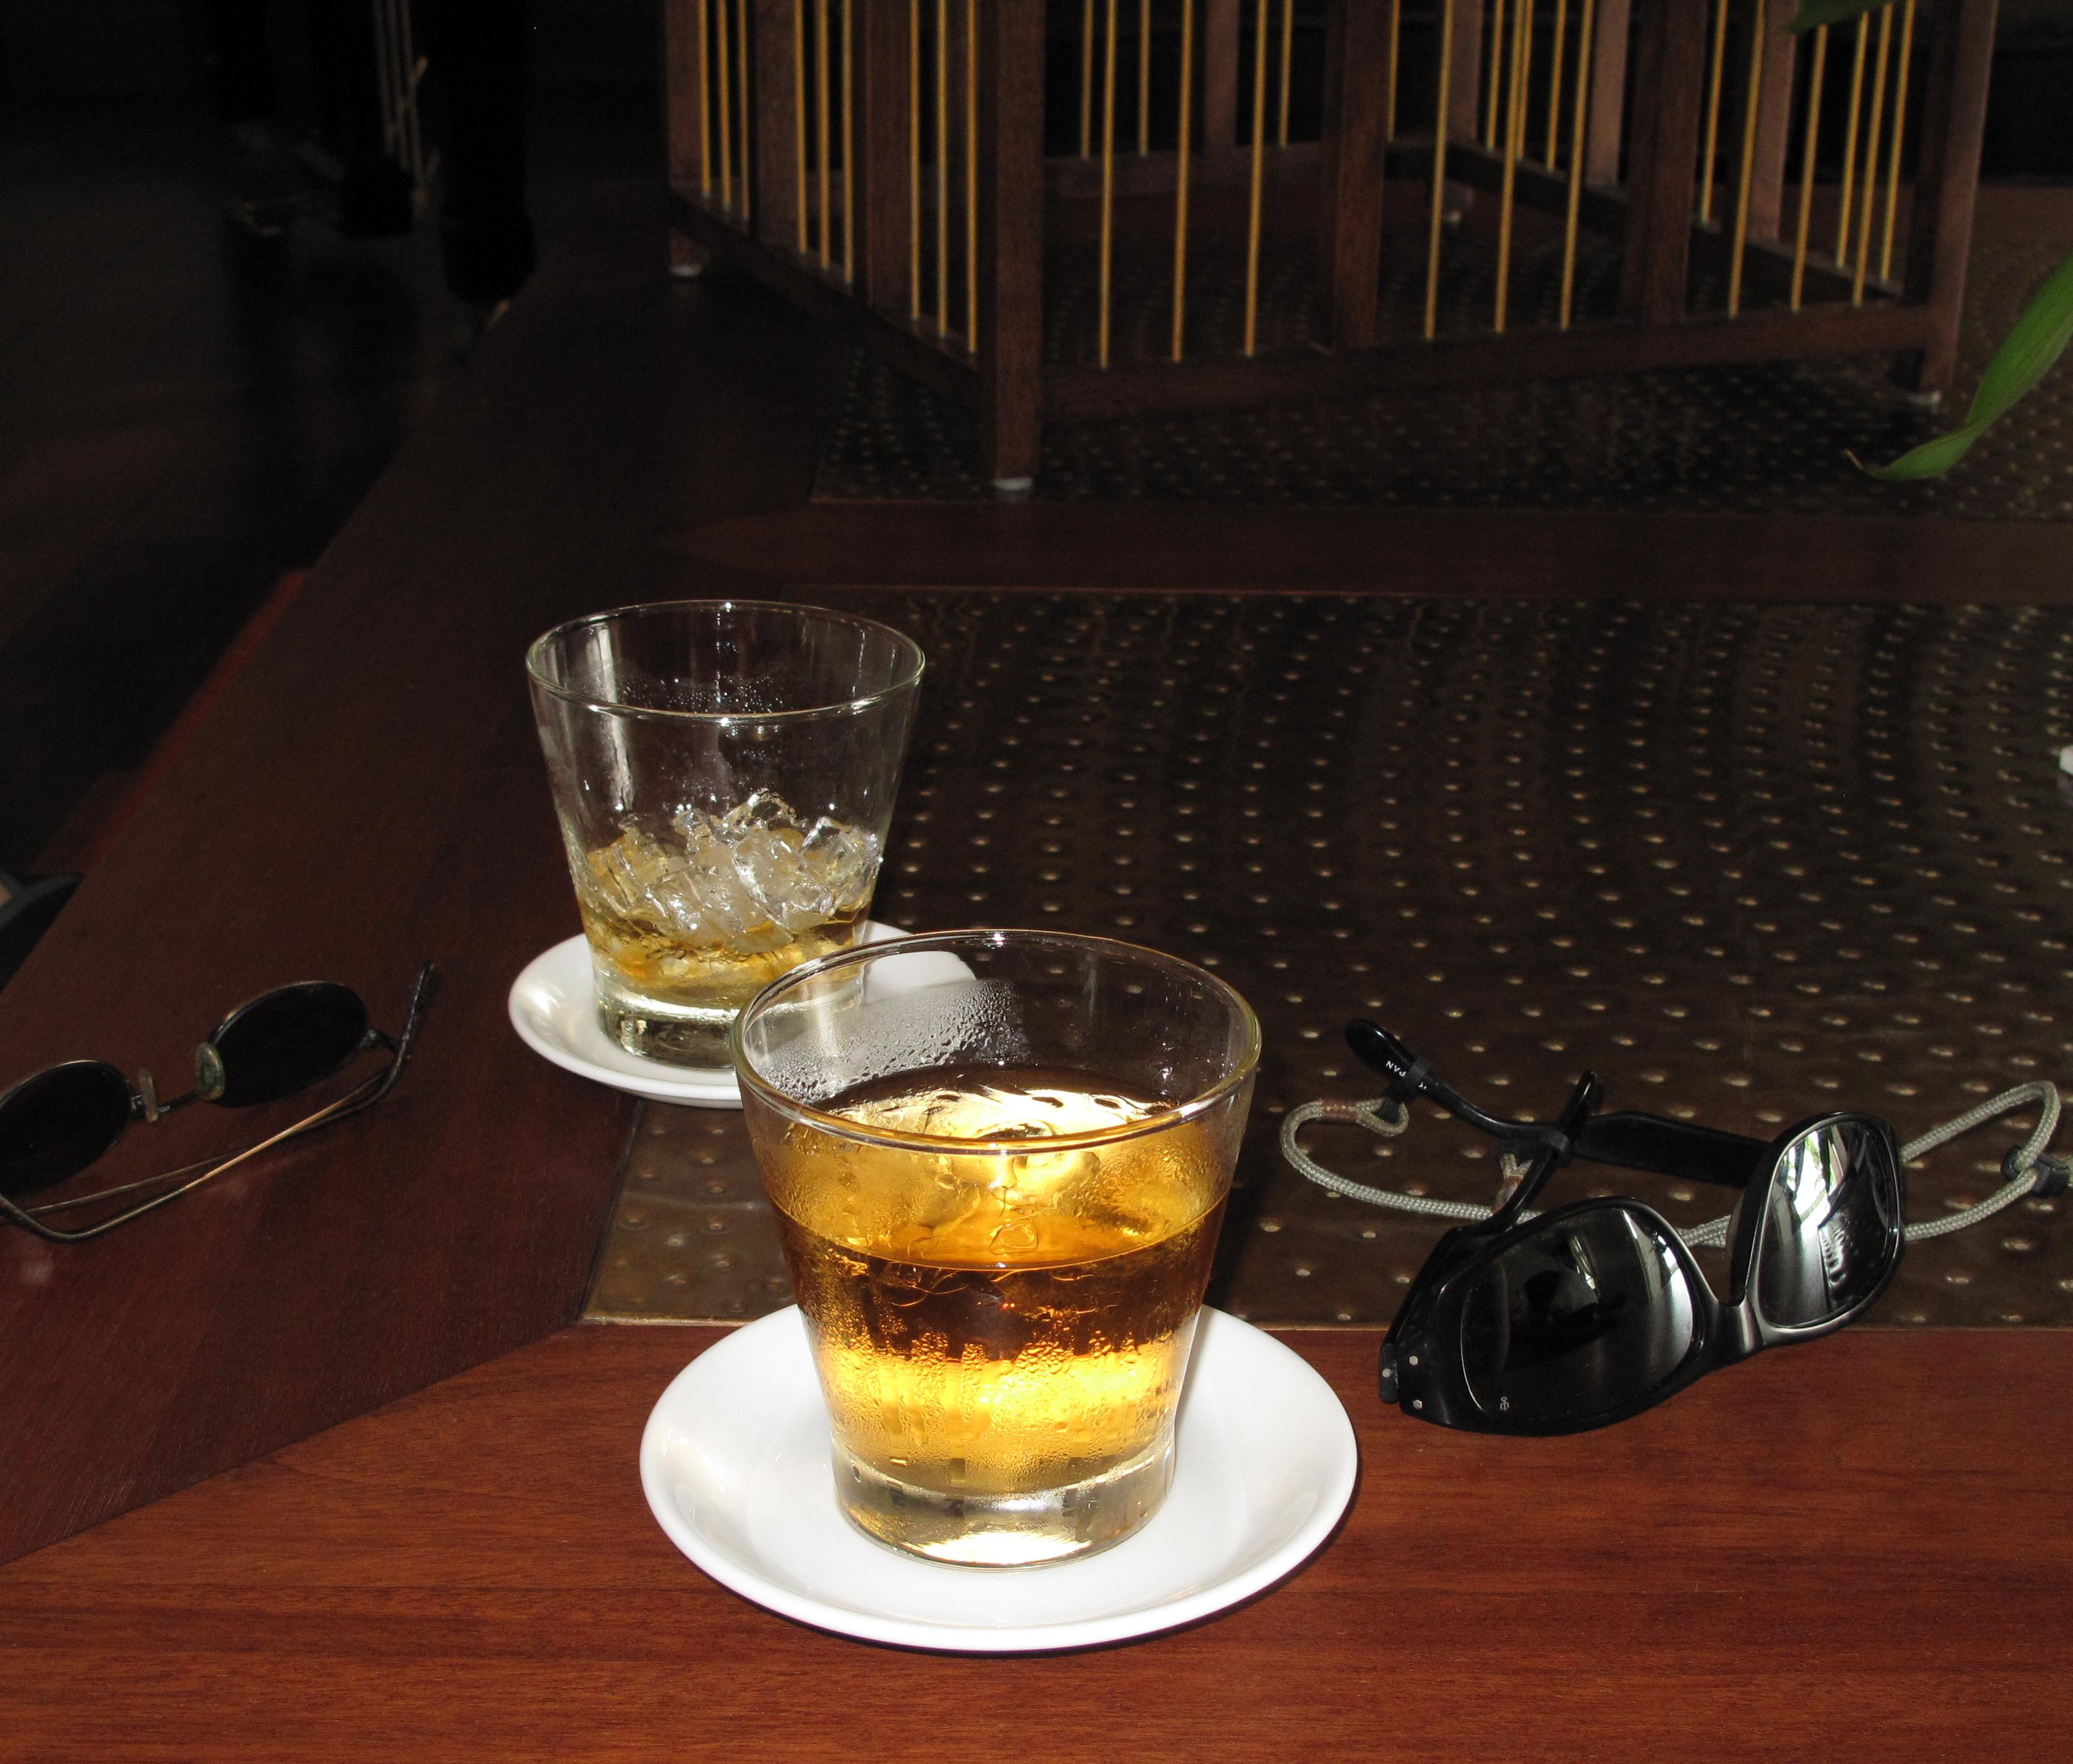 Tea-pic-for-blog.jpg